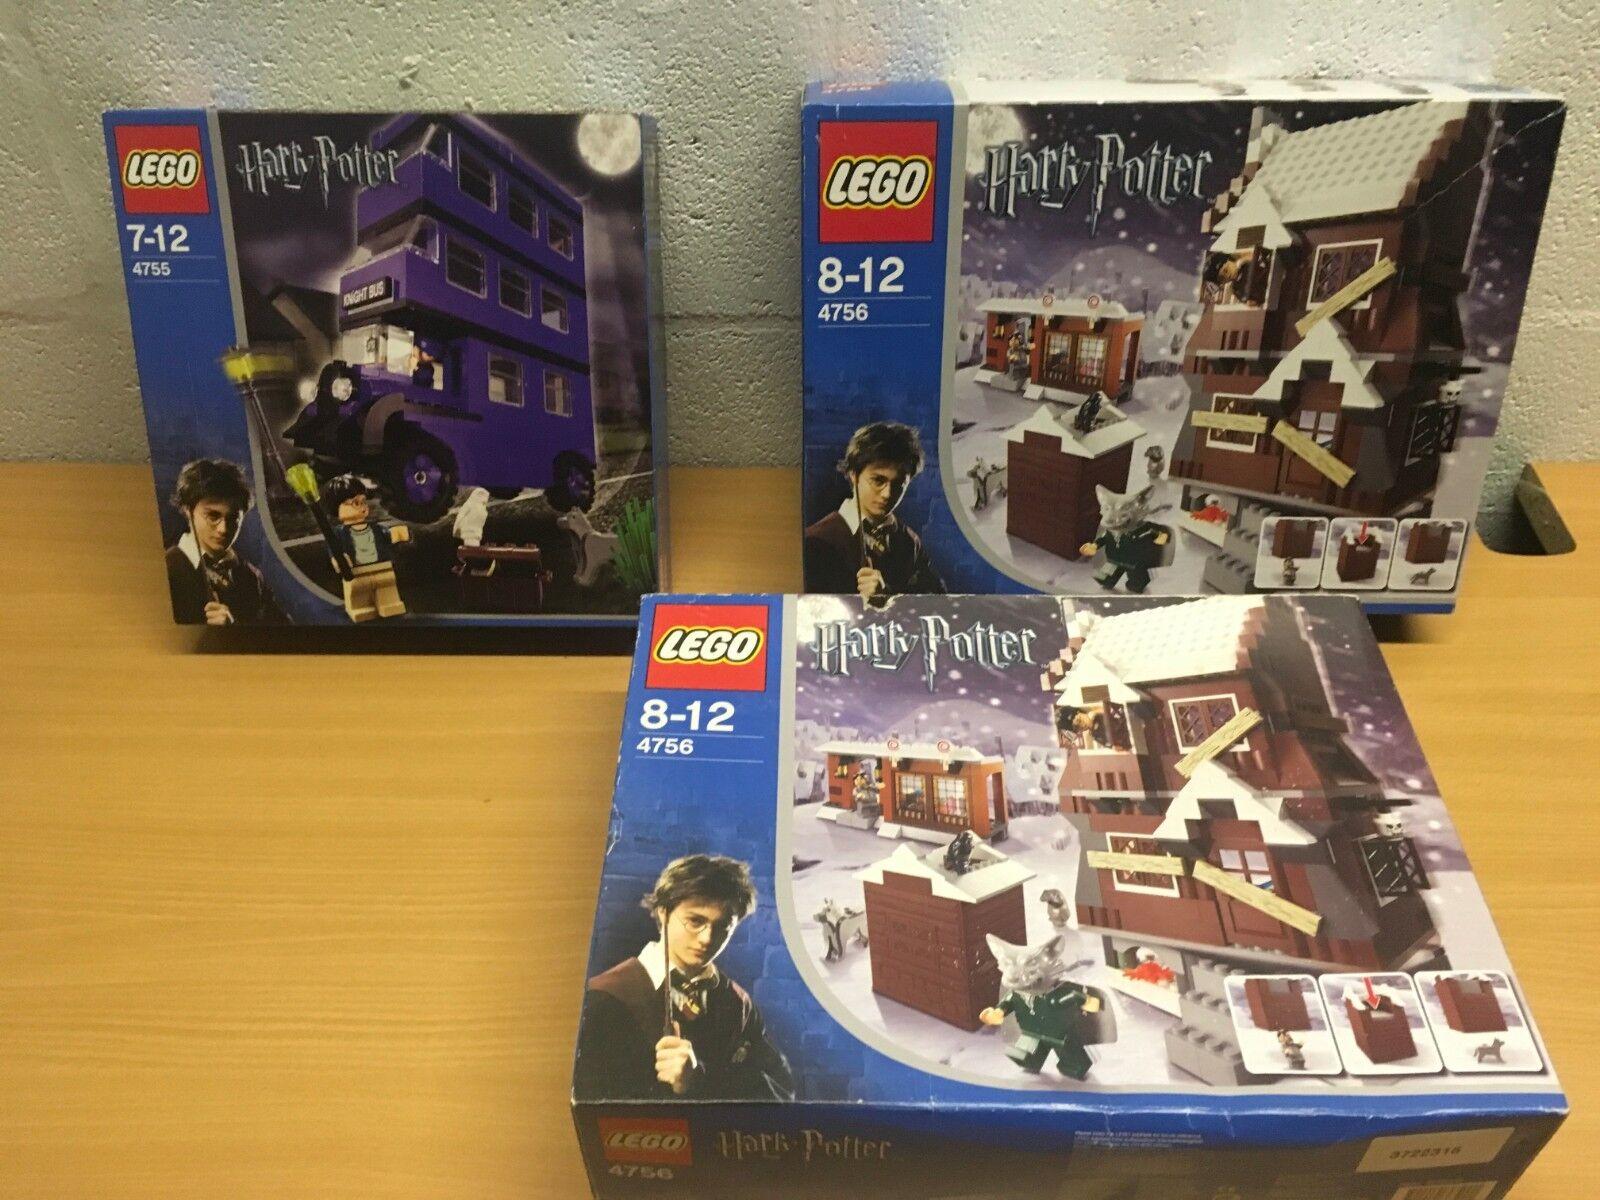 liquidazione fino al 70% LEGO Harry Potter 4755 4755 4755 4756 NUOVO SIGILLATO stamberga strillante Knight autobus prima edizione  salutare